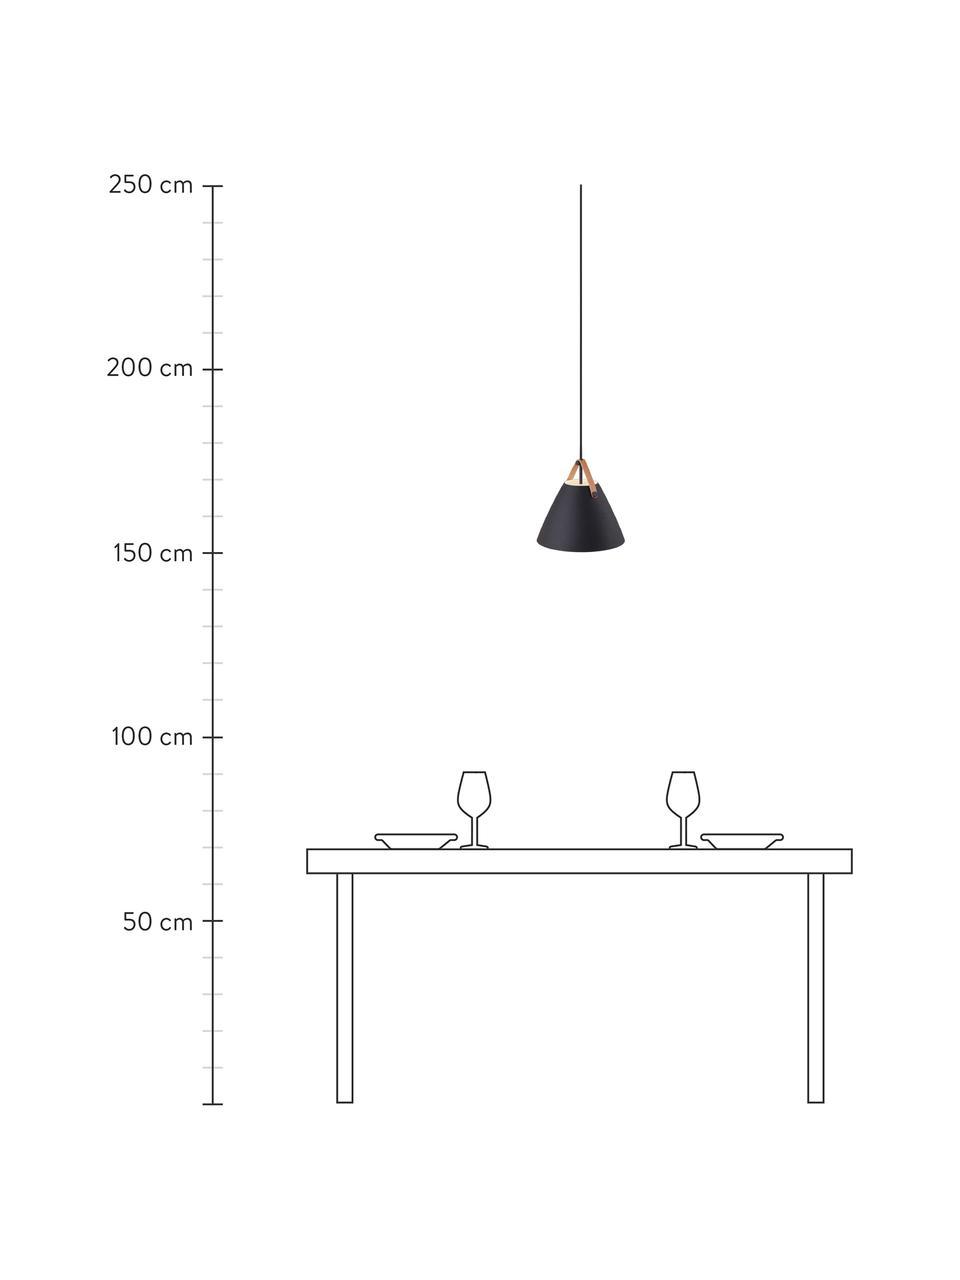 Pendelleuchte Strap mit austauschbarem Lederband, Lampenschirm: Metall, pulverbeschichtet, Baldachin: Kunststoff, Schwarz, Ø 36 x H 35 cm